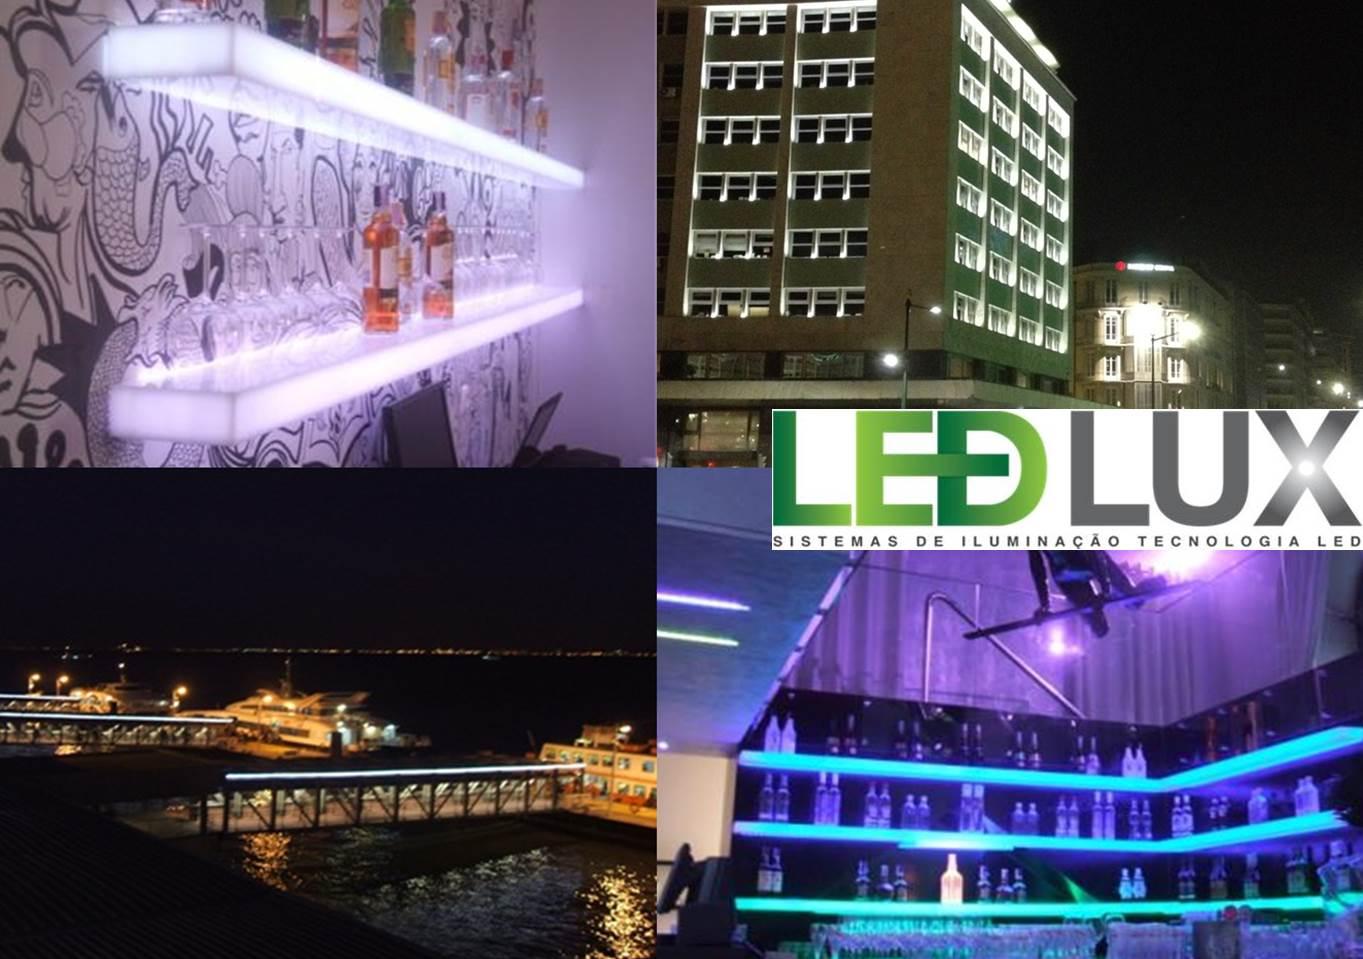 LEDLUX I EFICIÊNCIA ENERGÉTICA EM ILUMINAÇÃO